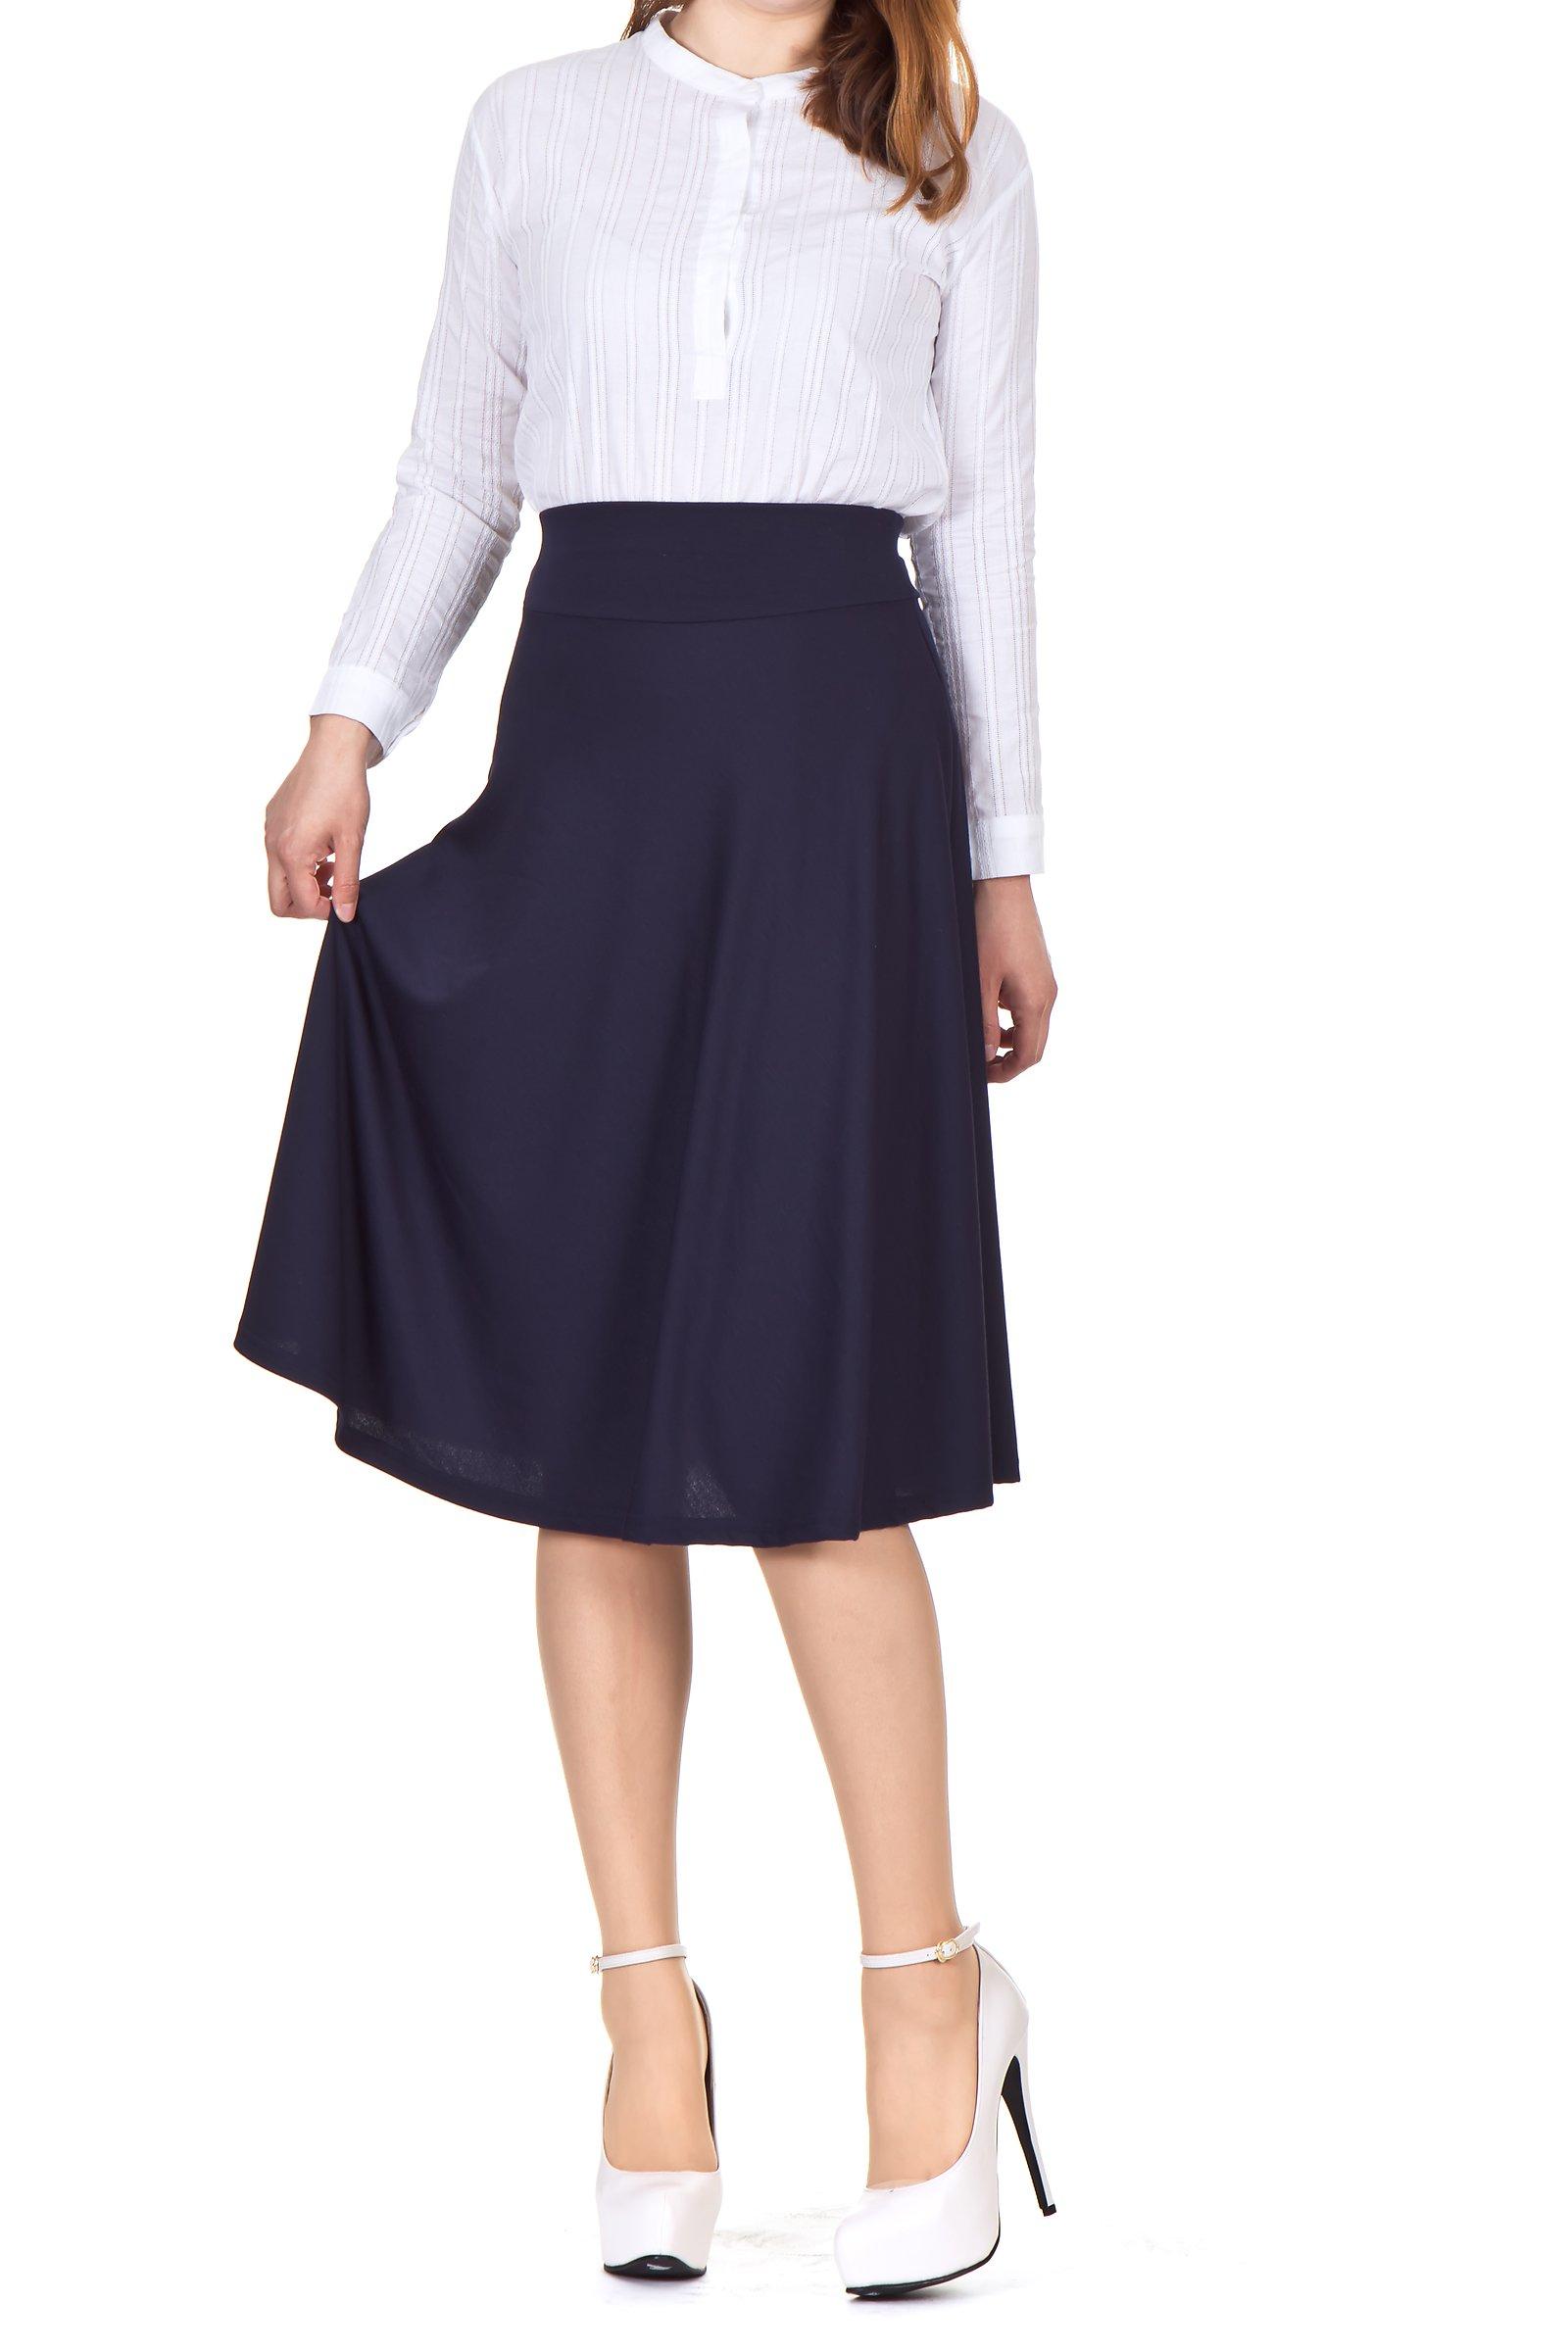 Stretch High Waist A-line Flared Long Skirt (L, Navy)